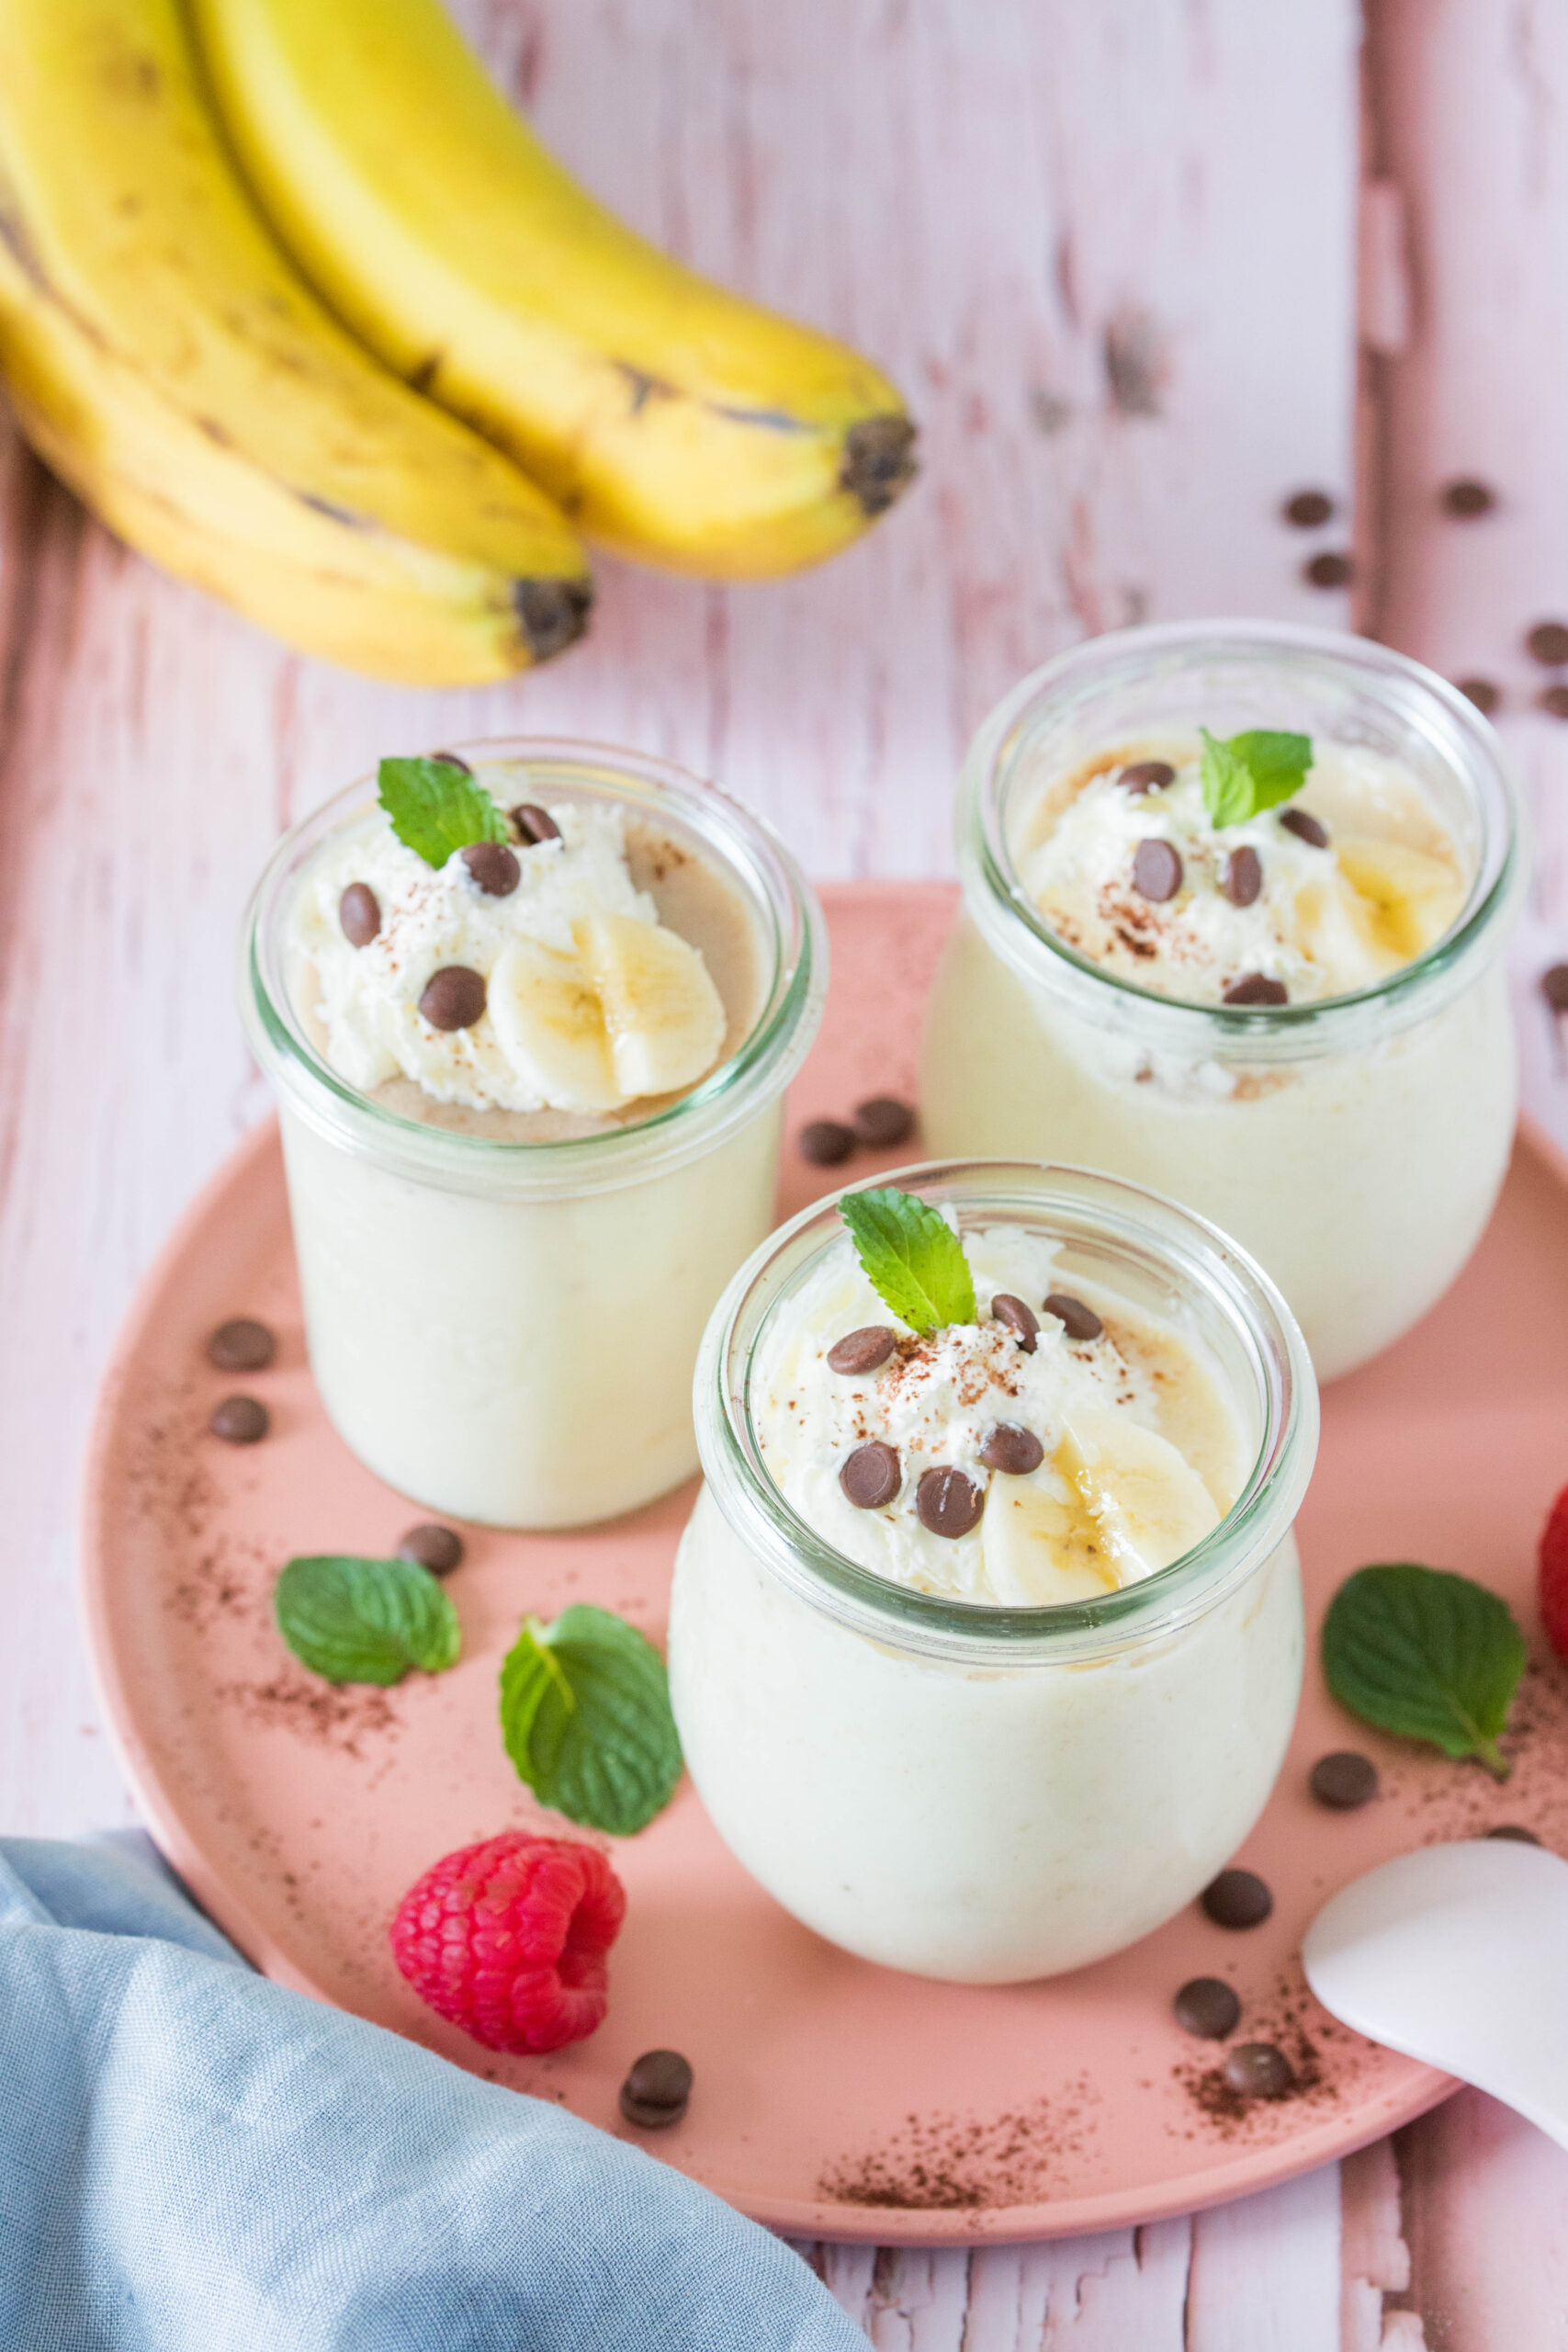 Bananenpudding - ein schnelles Dessert für Kinder. Lecker und einfach.